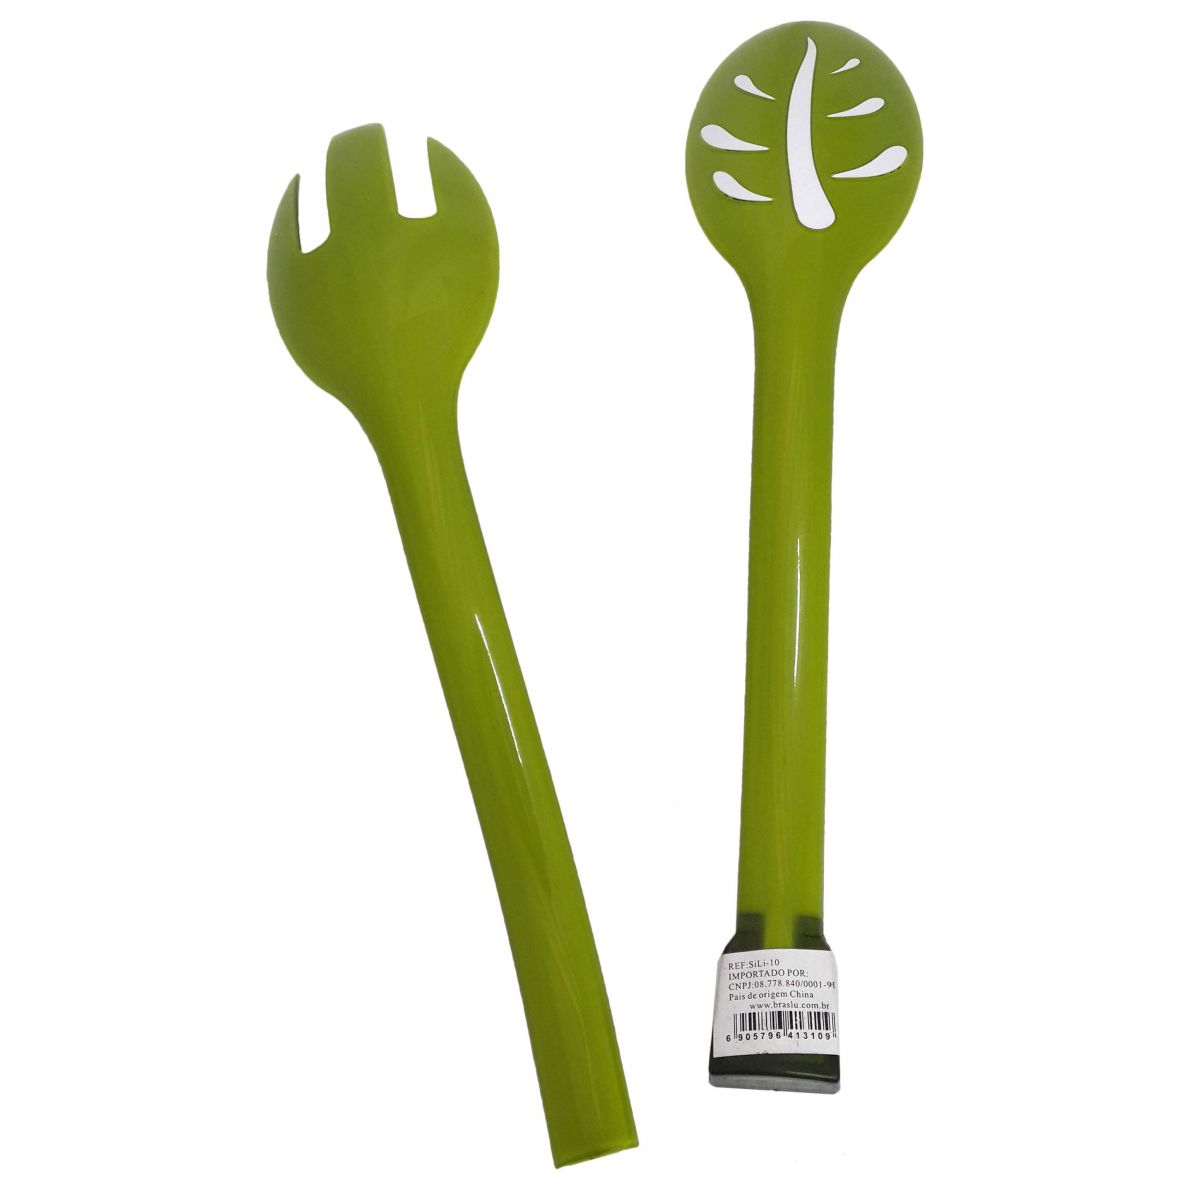 Pegador Para Salada Alimentos Cozinha Plastico Garfo Colher Verde